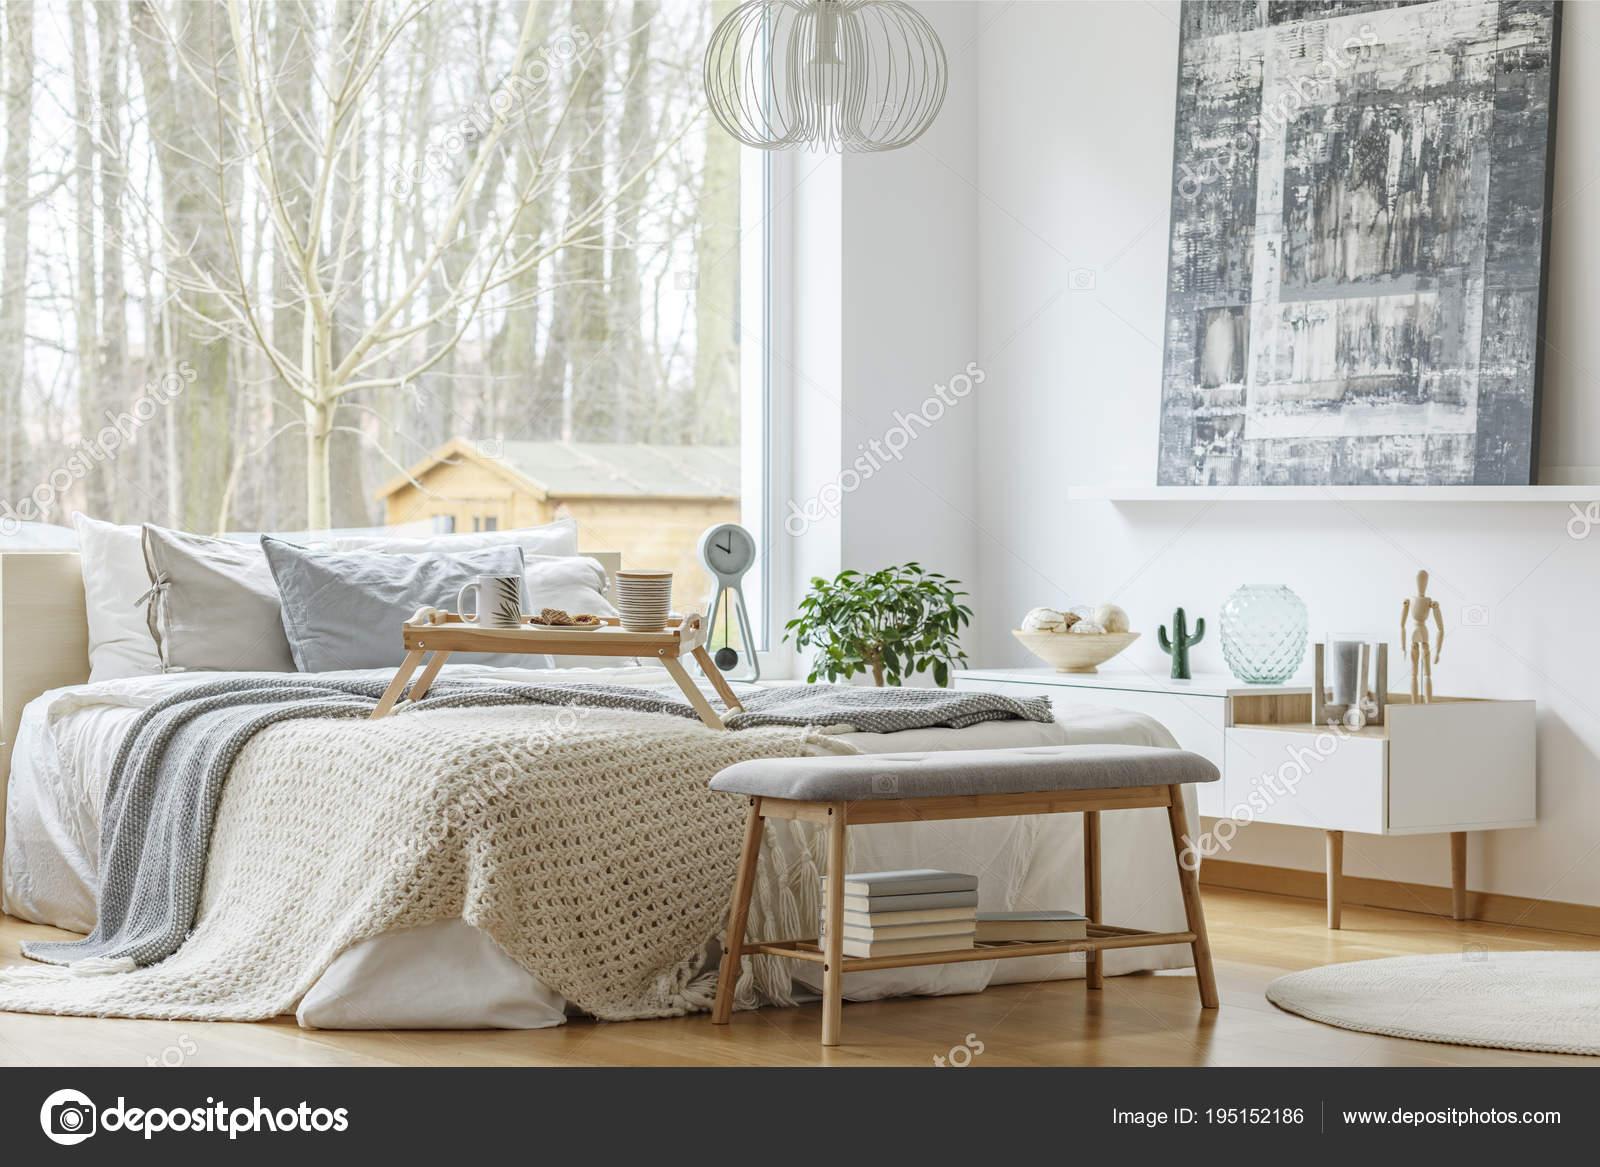 Pittura all\'interno della camera da letto moderna — Foto ...